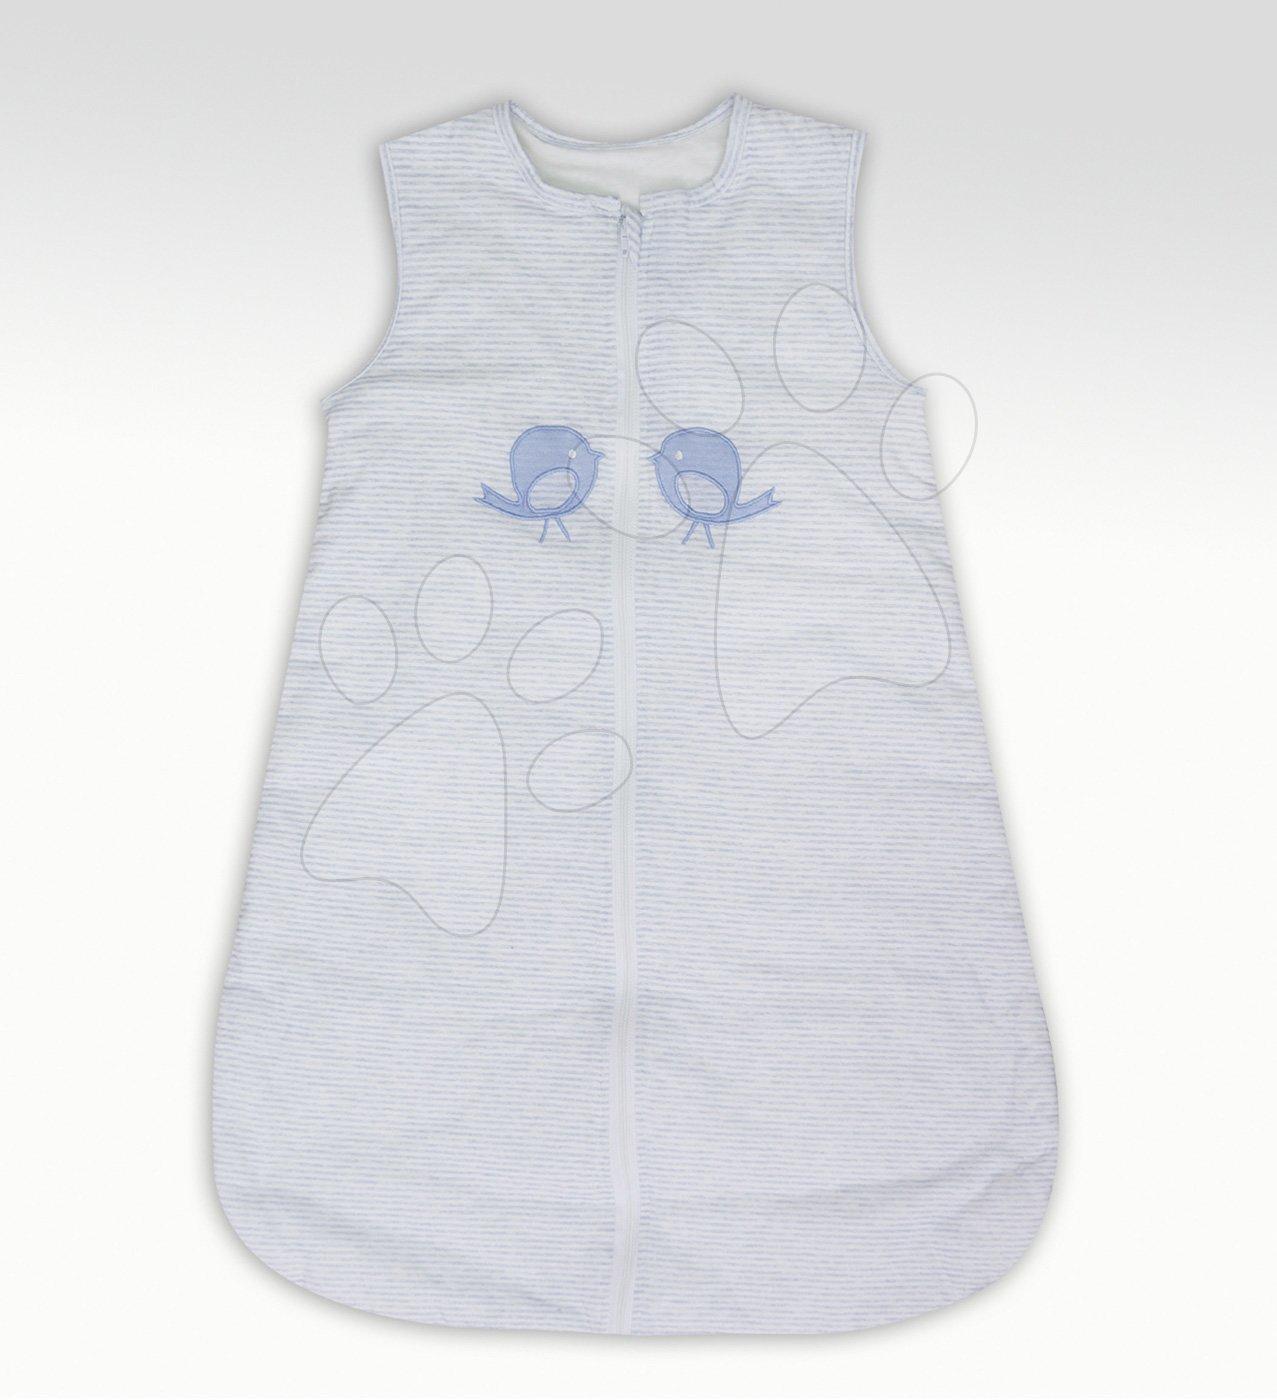 Spací pytel pro miminka Classic tot 's smarTrike modří ptáčci 100% jersey bavlna 1 tog od 6 měsíců